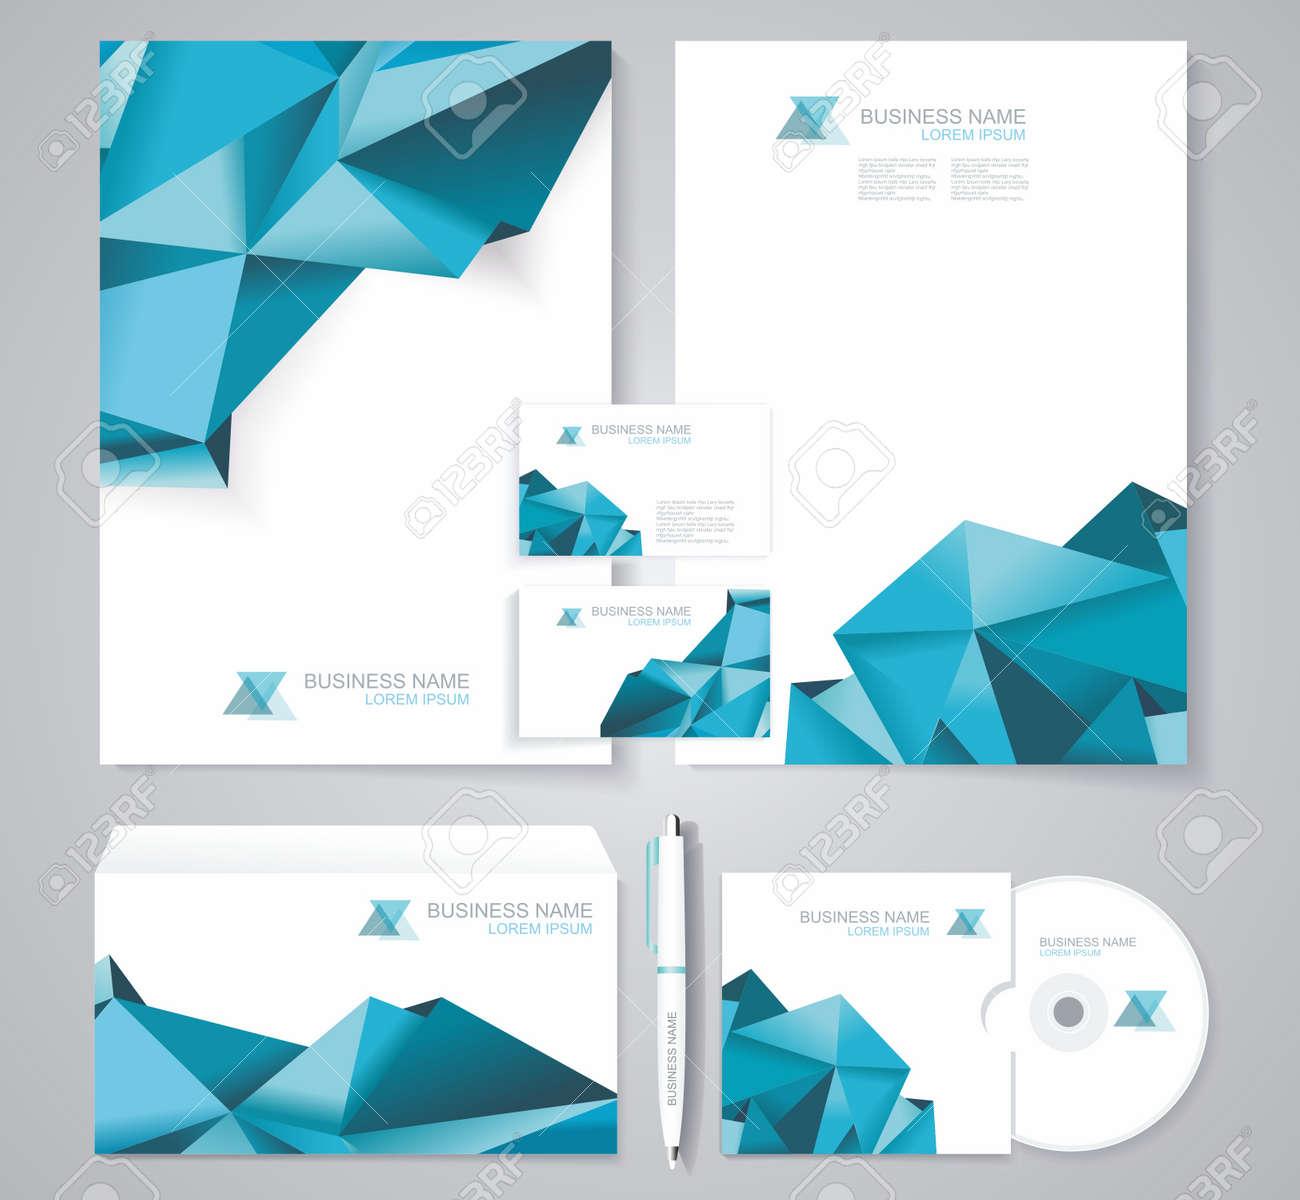 Corporate Design Vorlage   Corporate Identity Vorlage Mit Blauen Polygonale Design Elemente